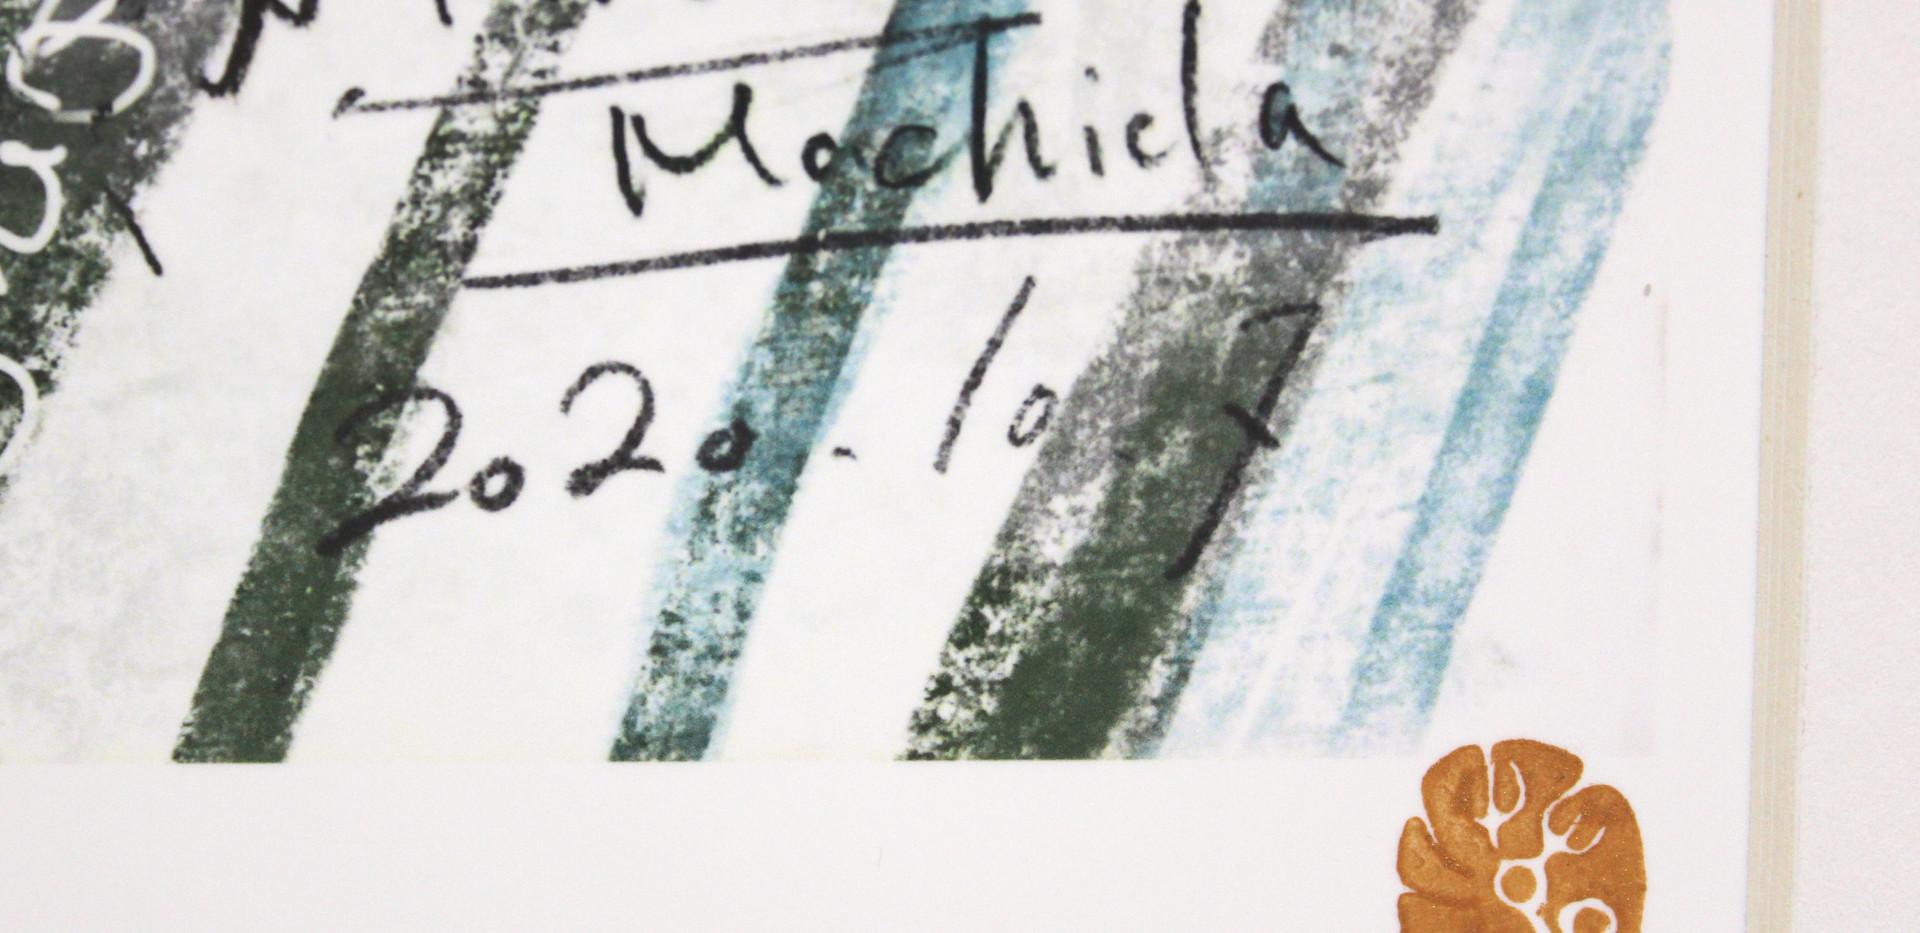 表に篆刻と、Edition「1/1」の記載をします。